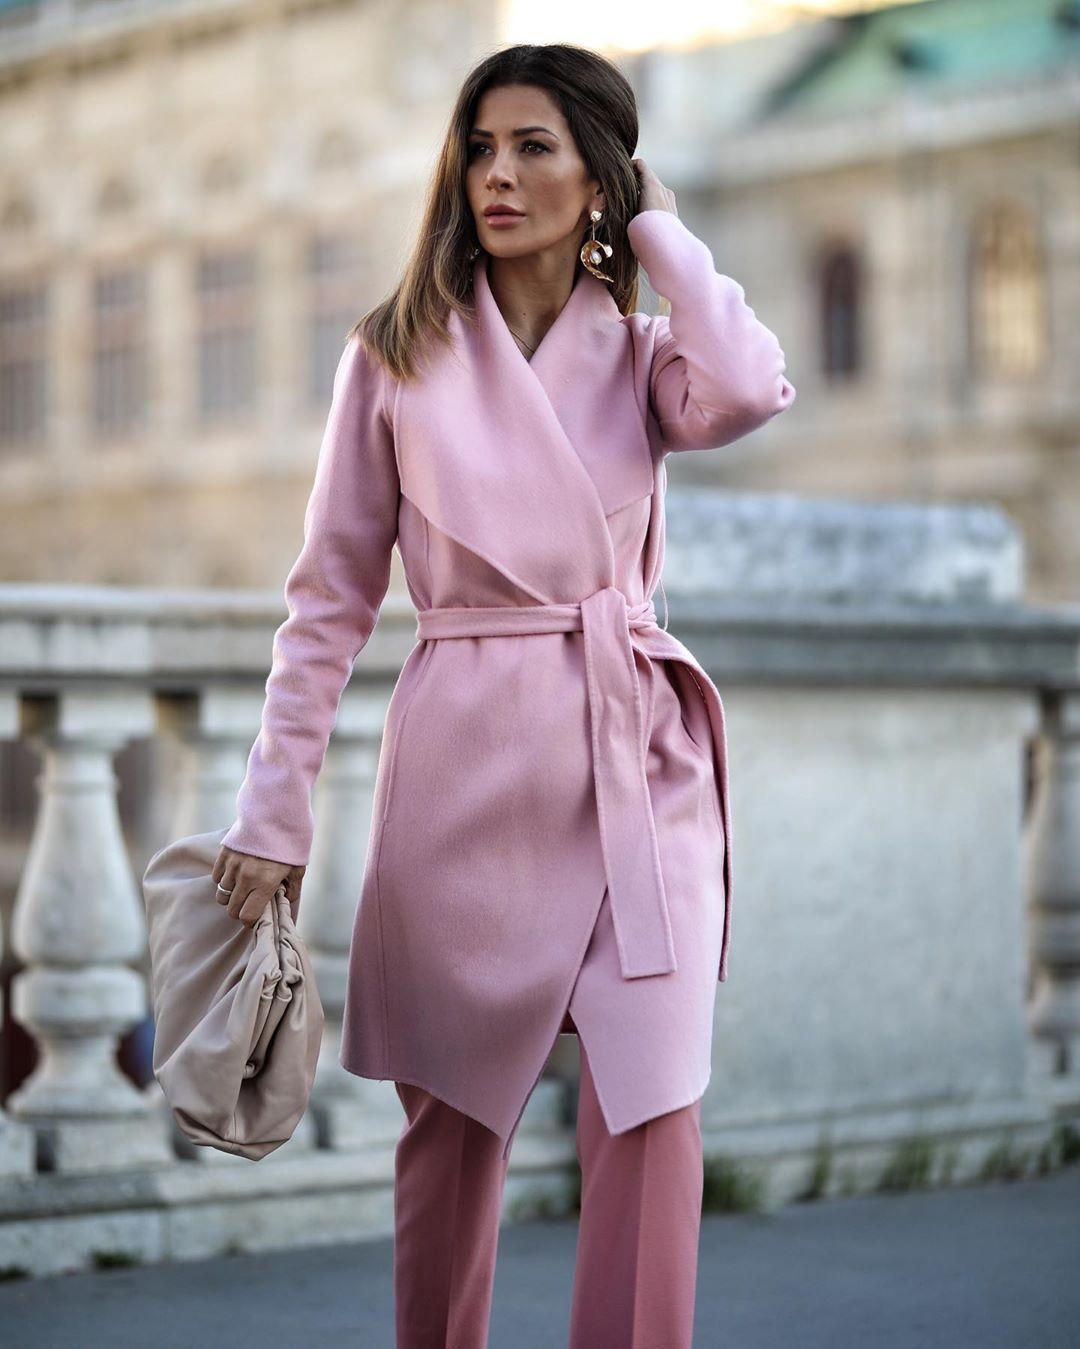 Пальто с поясом 2020 фото 1